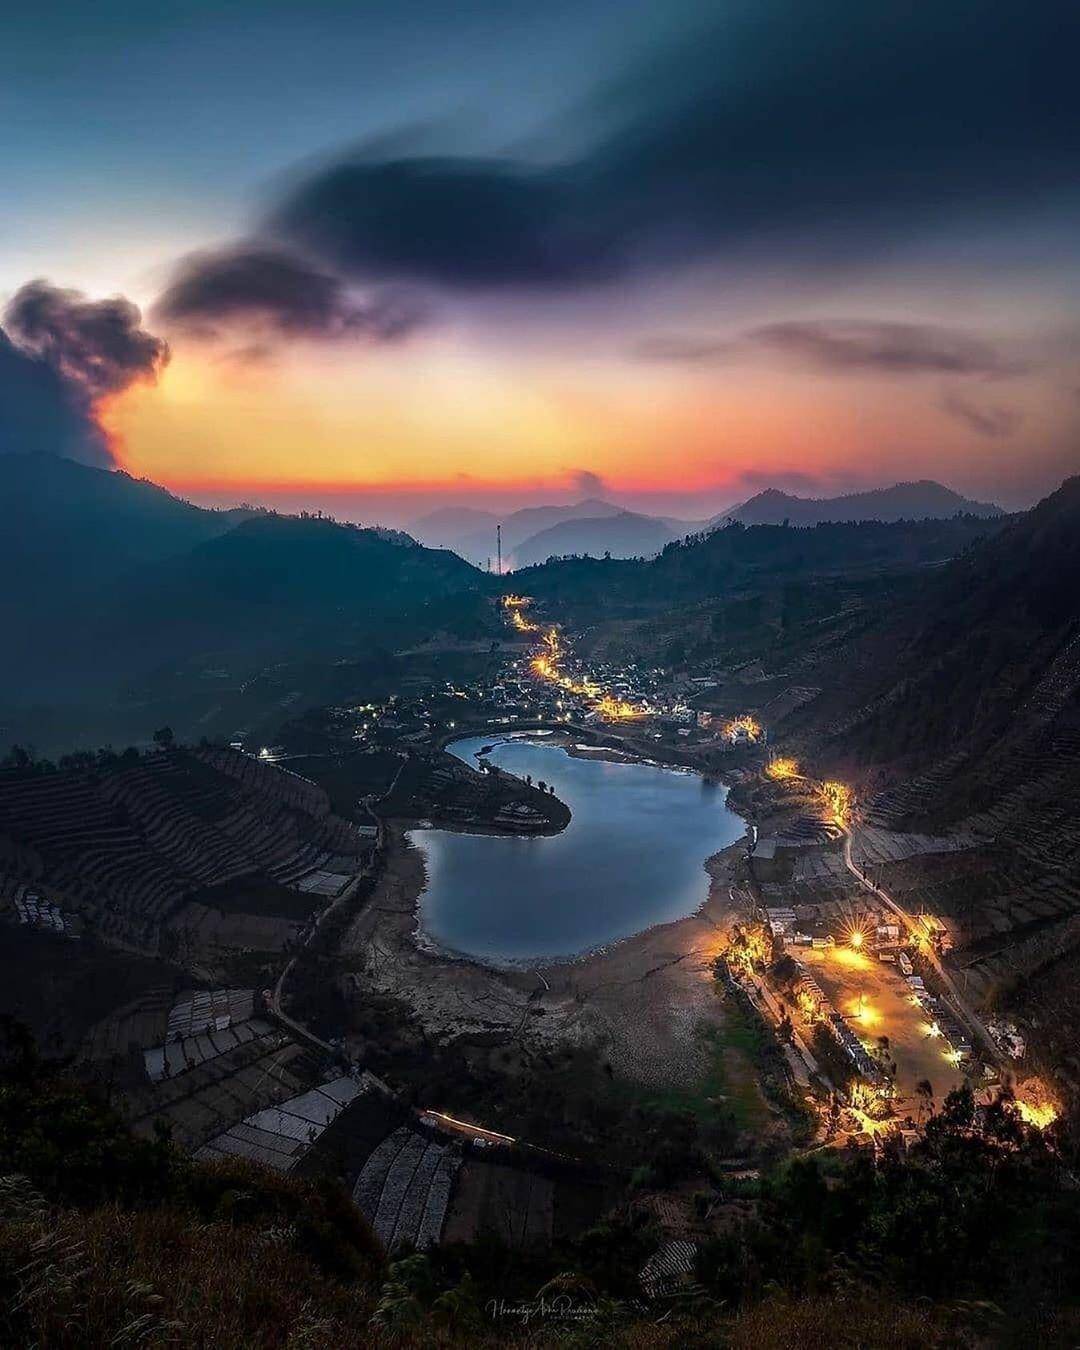 Pemandangan Berbagai Cahaya Lampu Desa Di Sikunir Image From Hanantyo Di 2020 Pemandangan Pedesaan Bercahaya